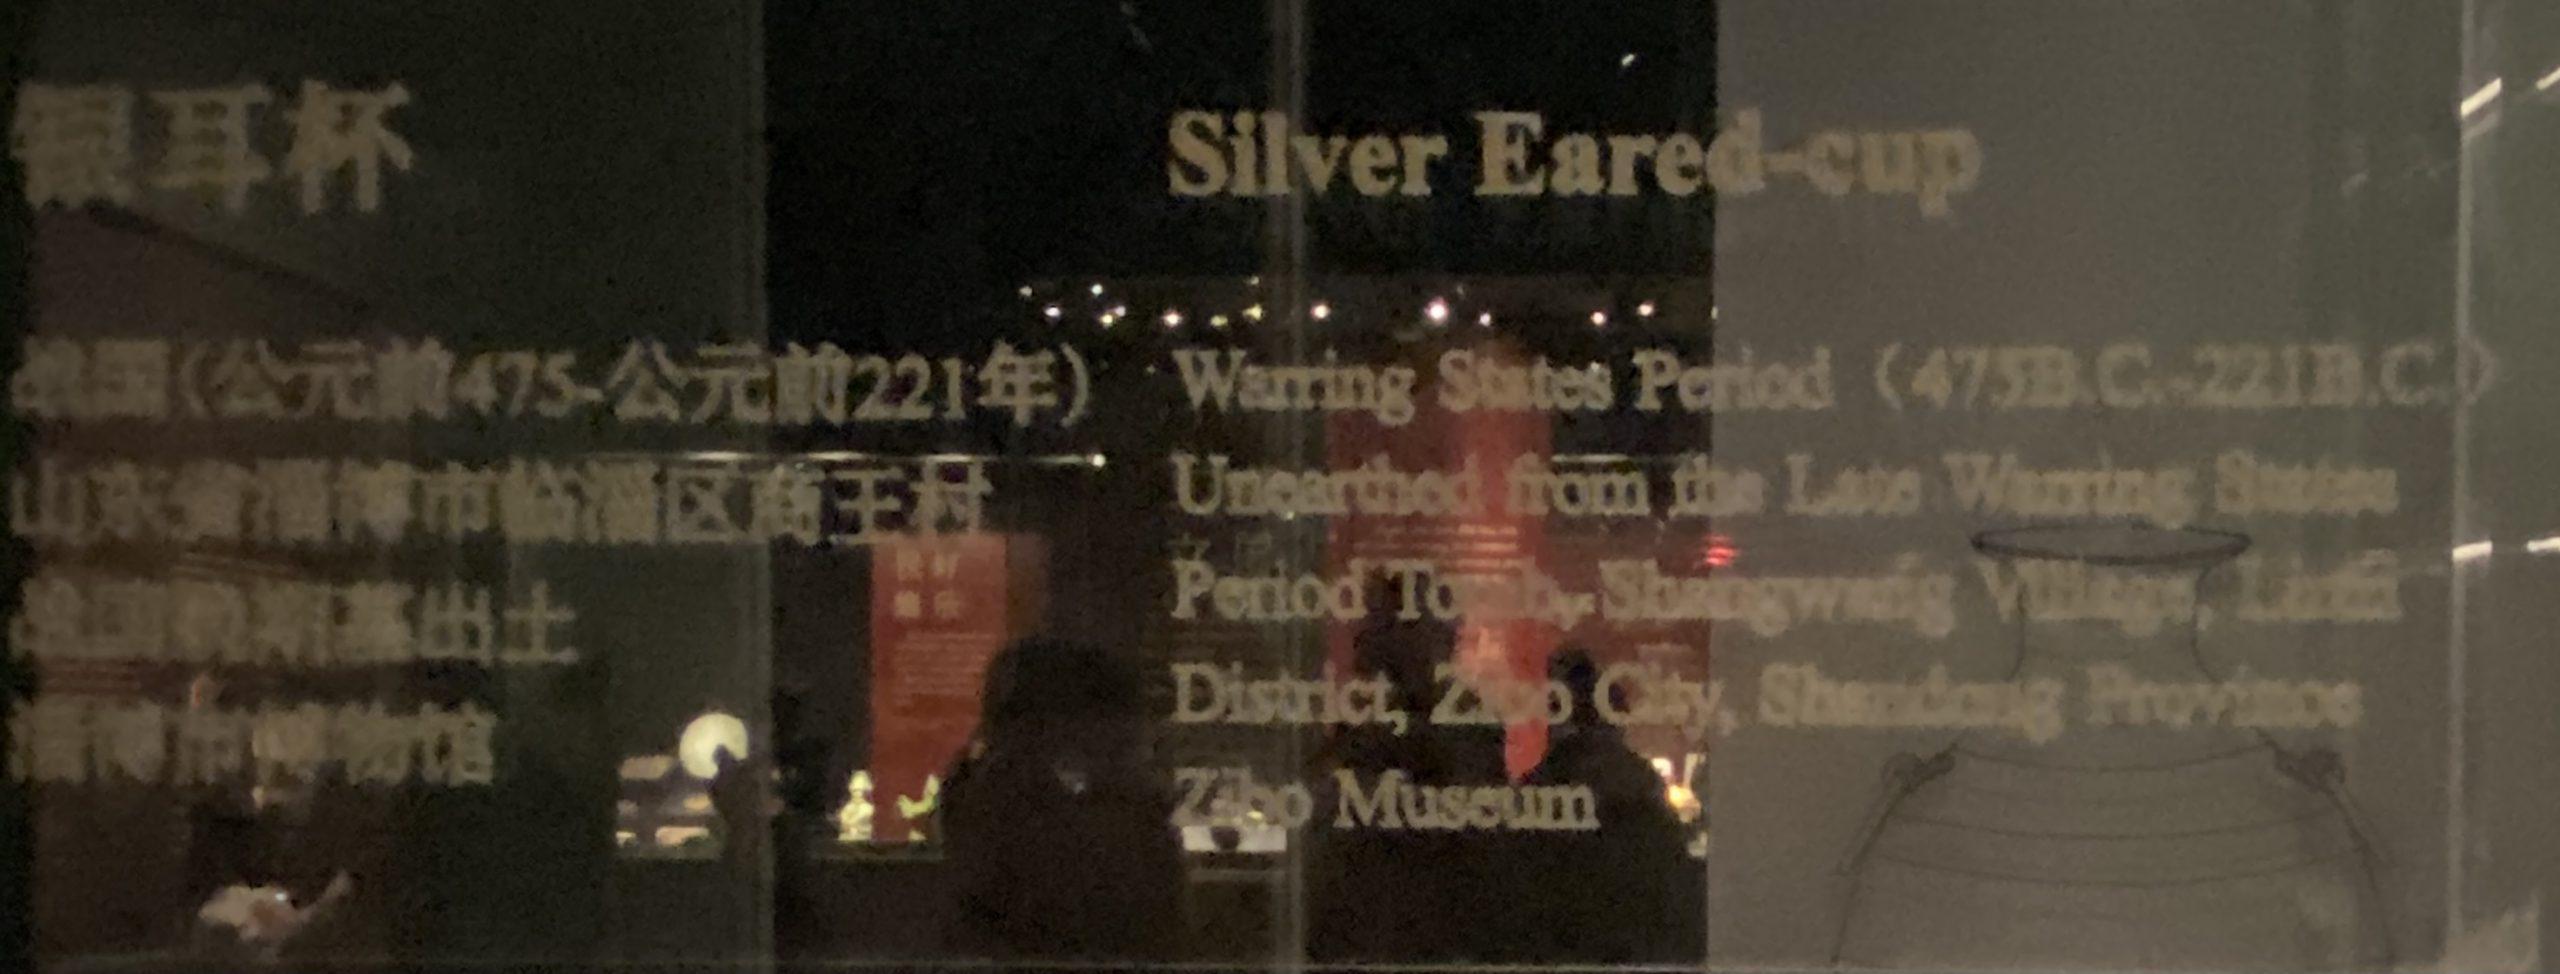 銅吸酒器-【列備五都-秦漢時代の中国都市】-成都博物館-四川成都